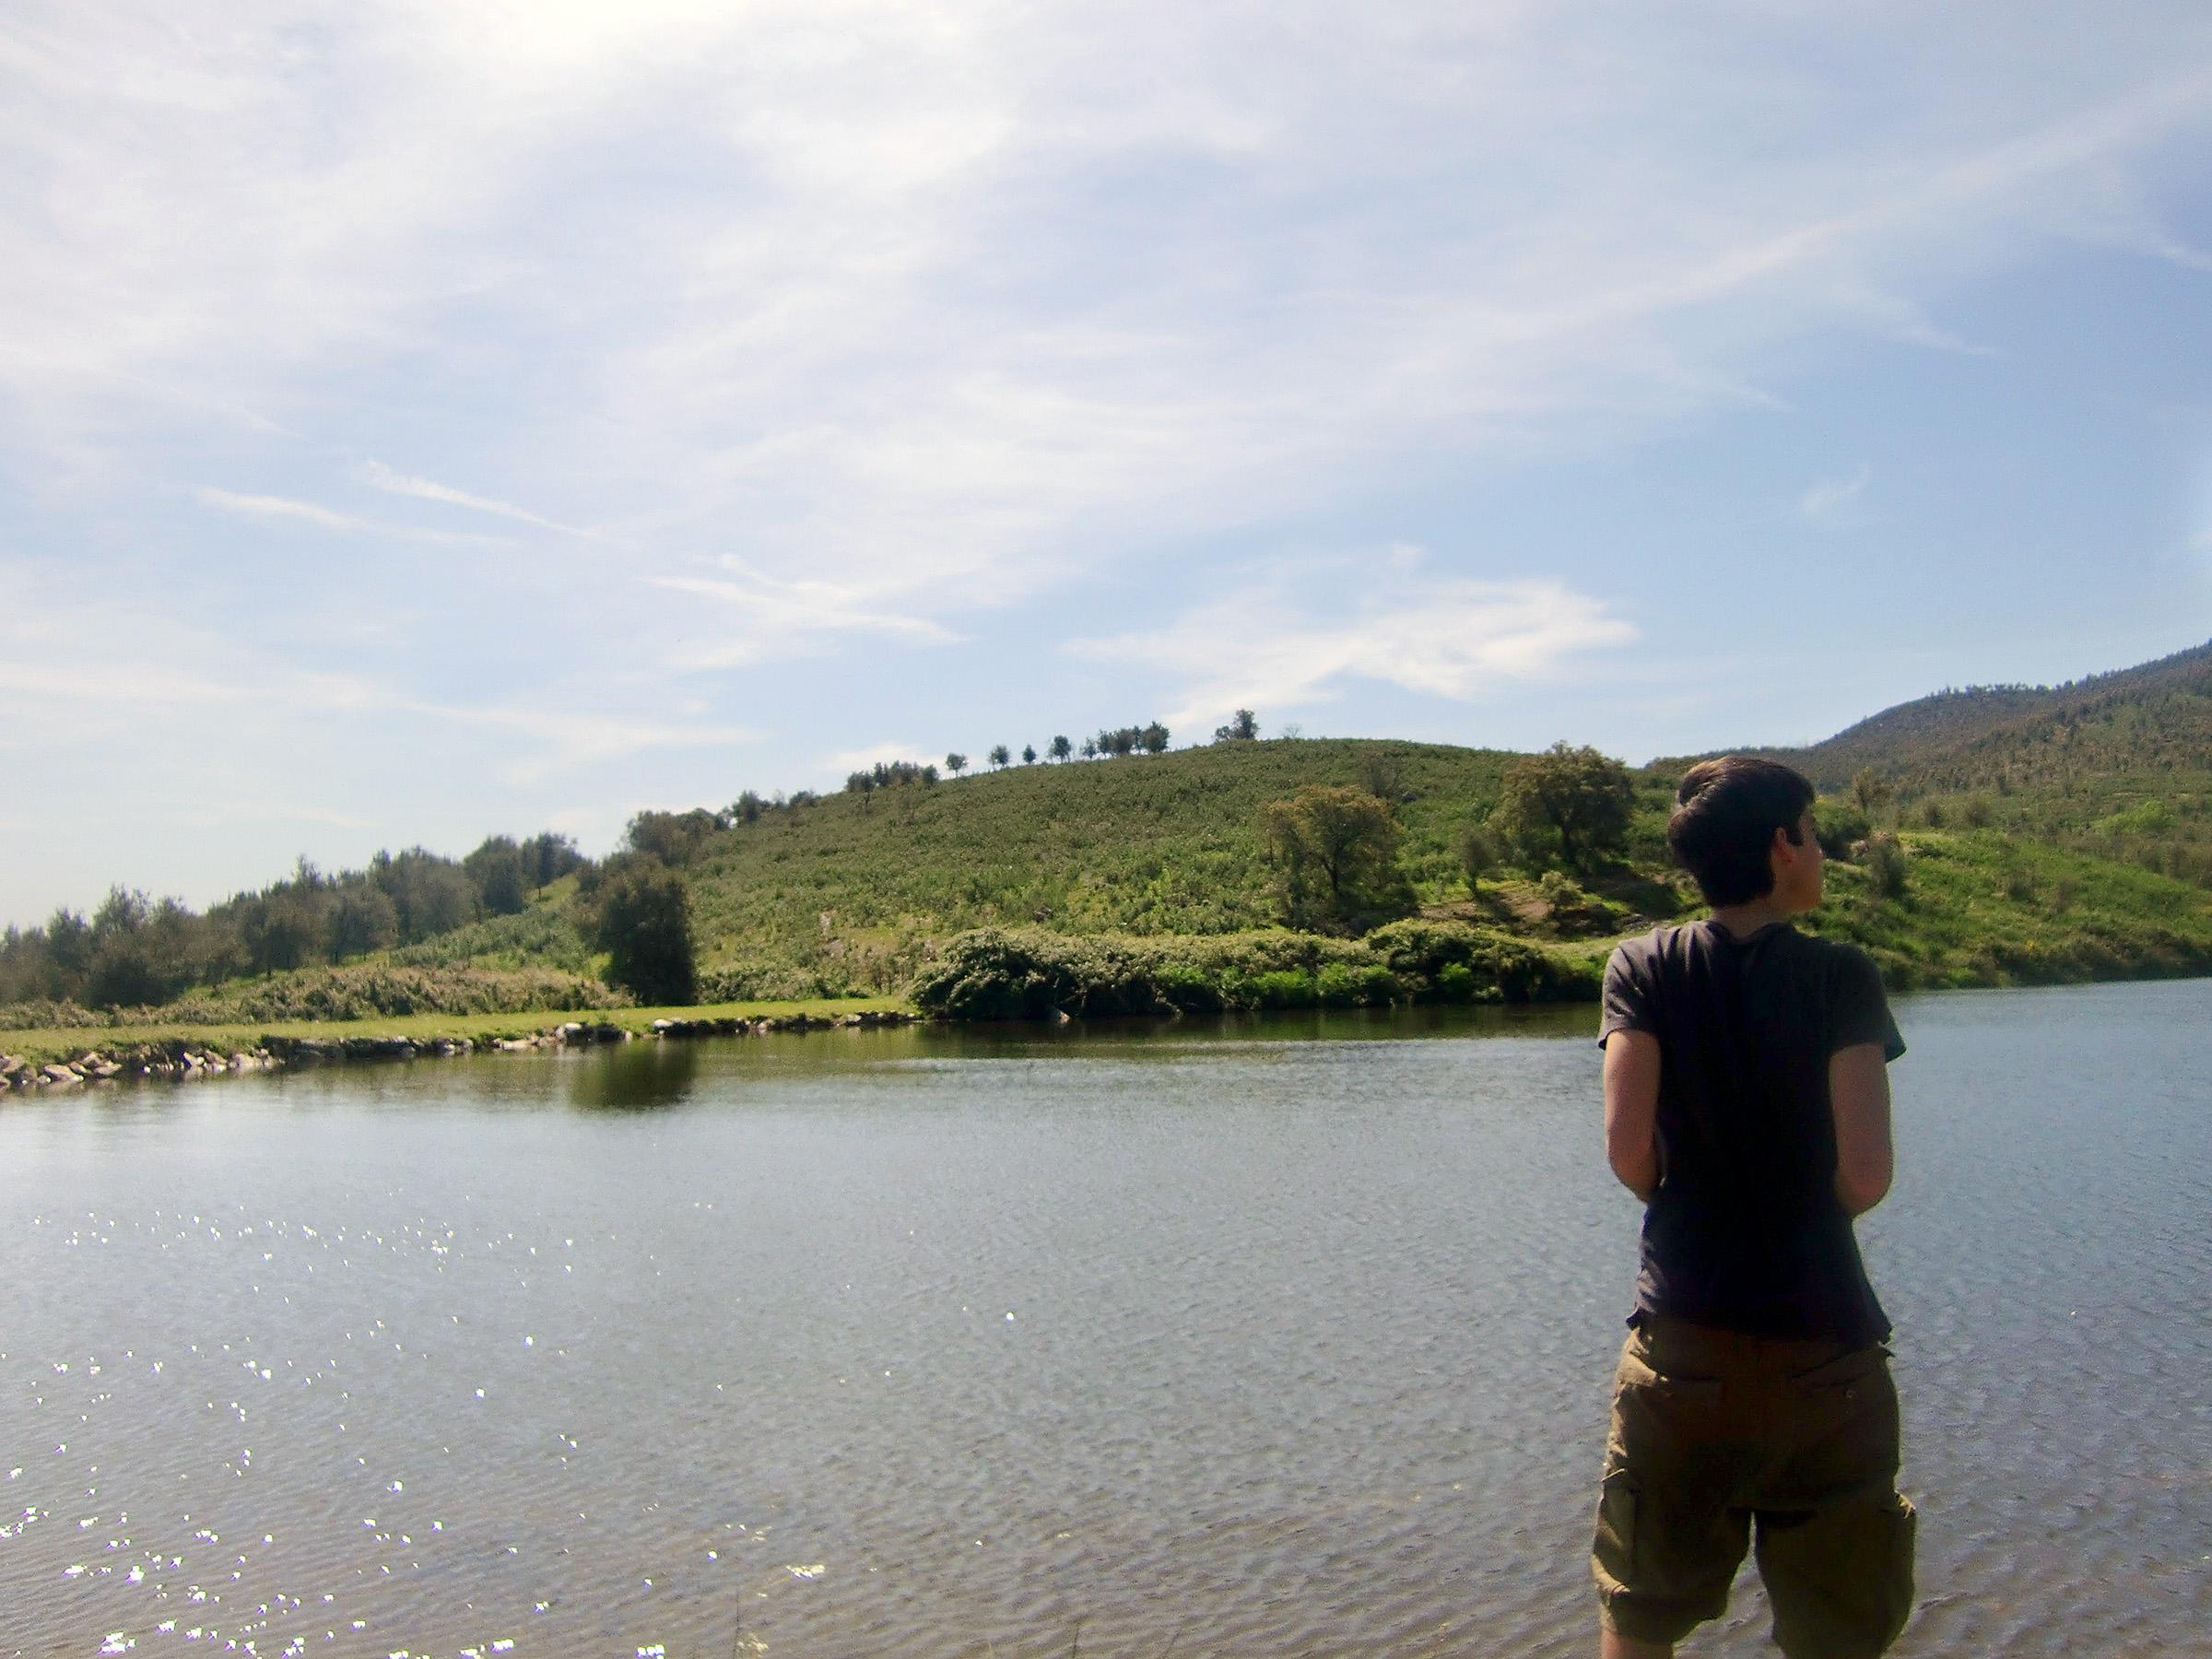 What a landscape